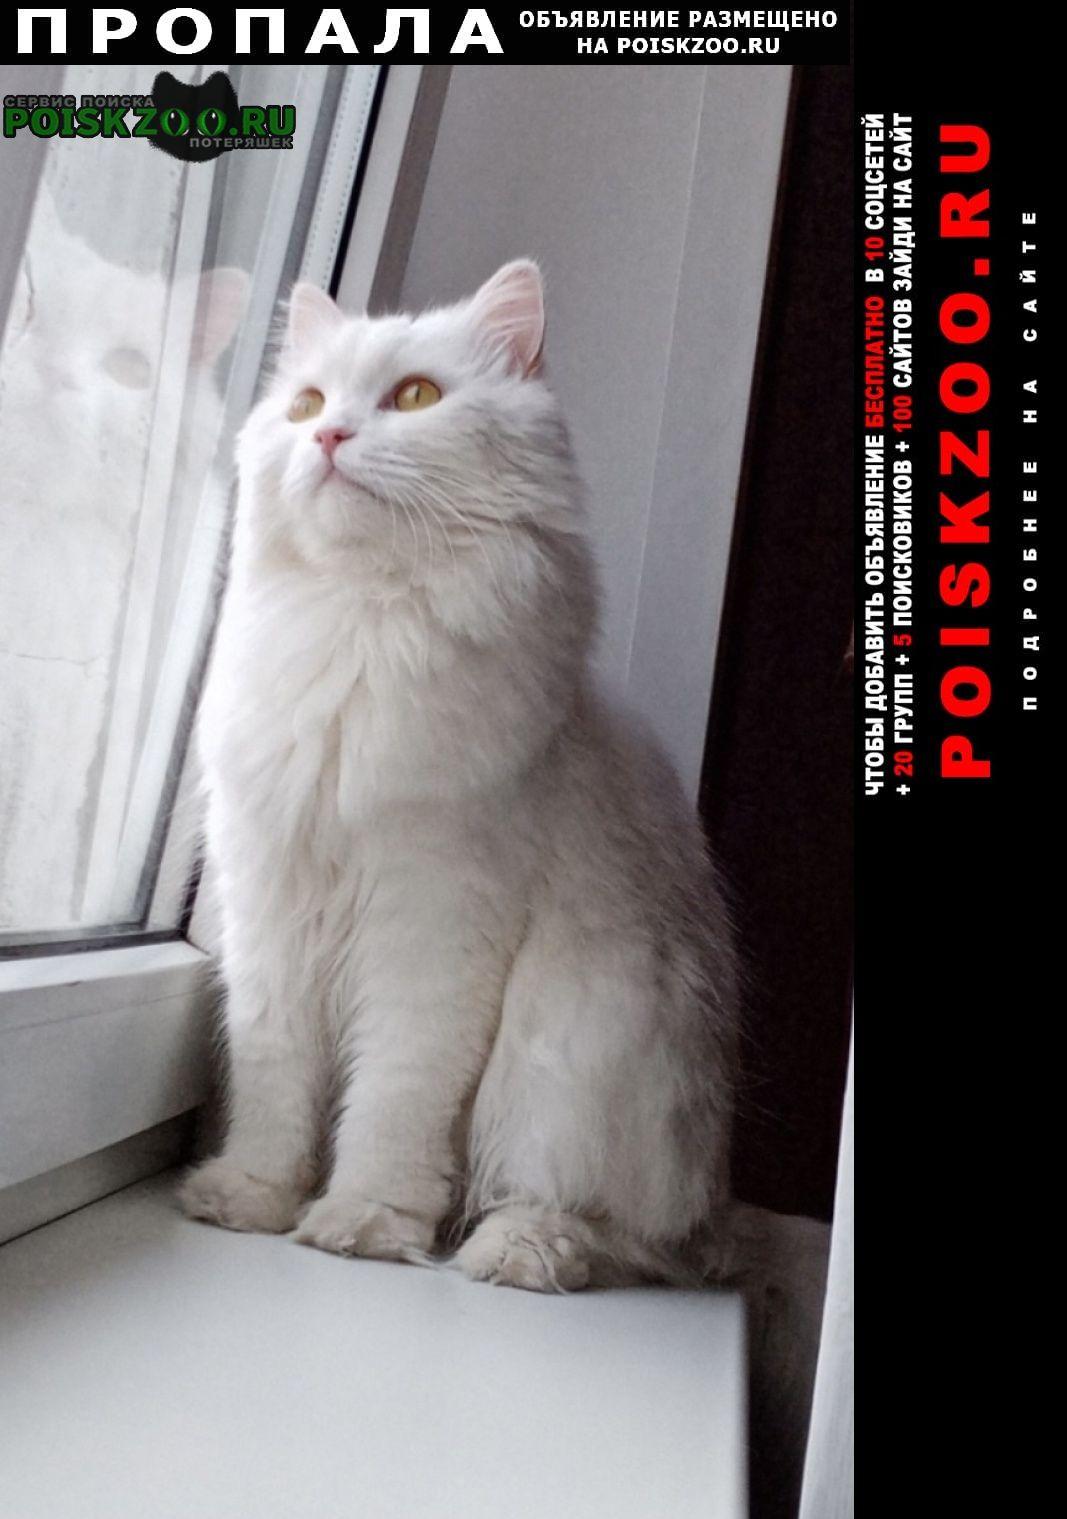 Пропал кот Серпухов